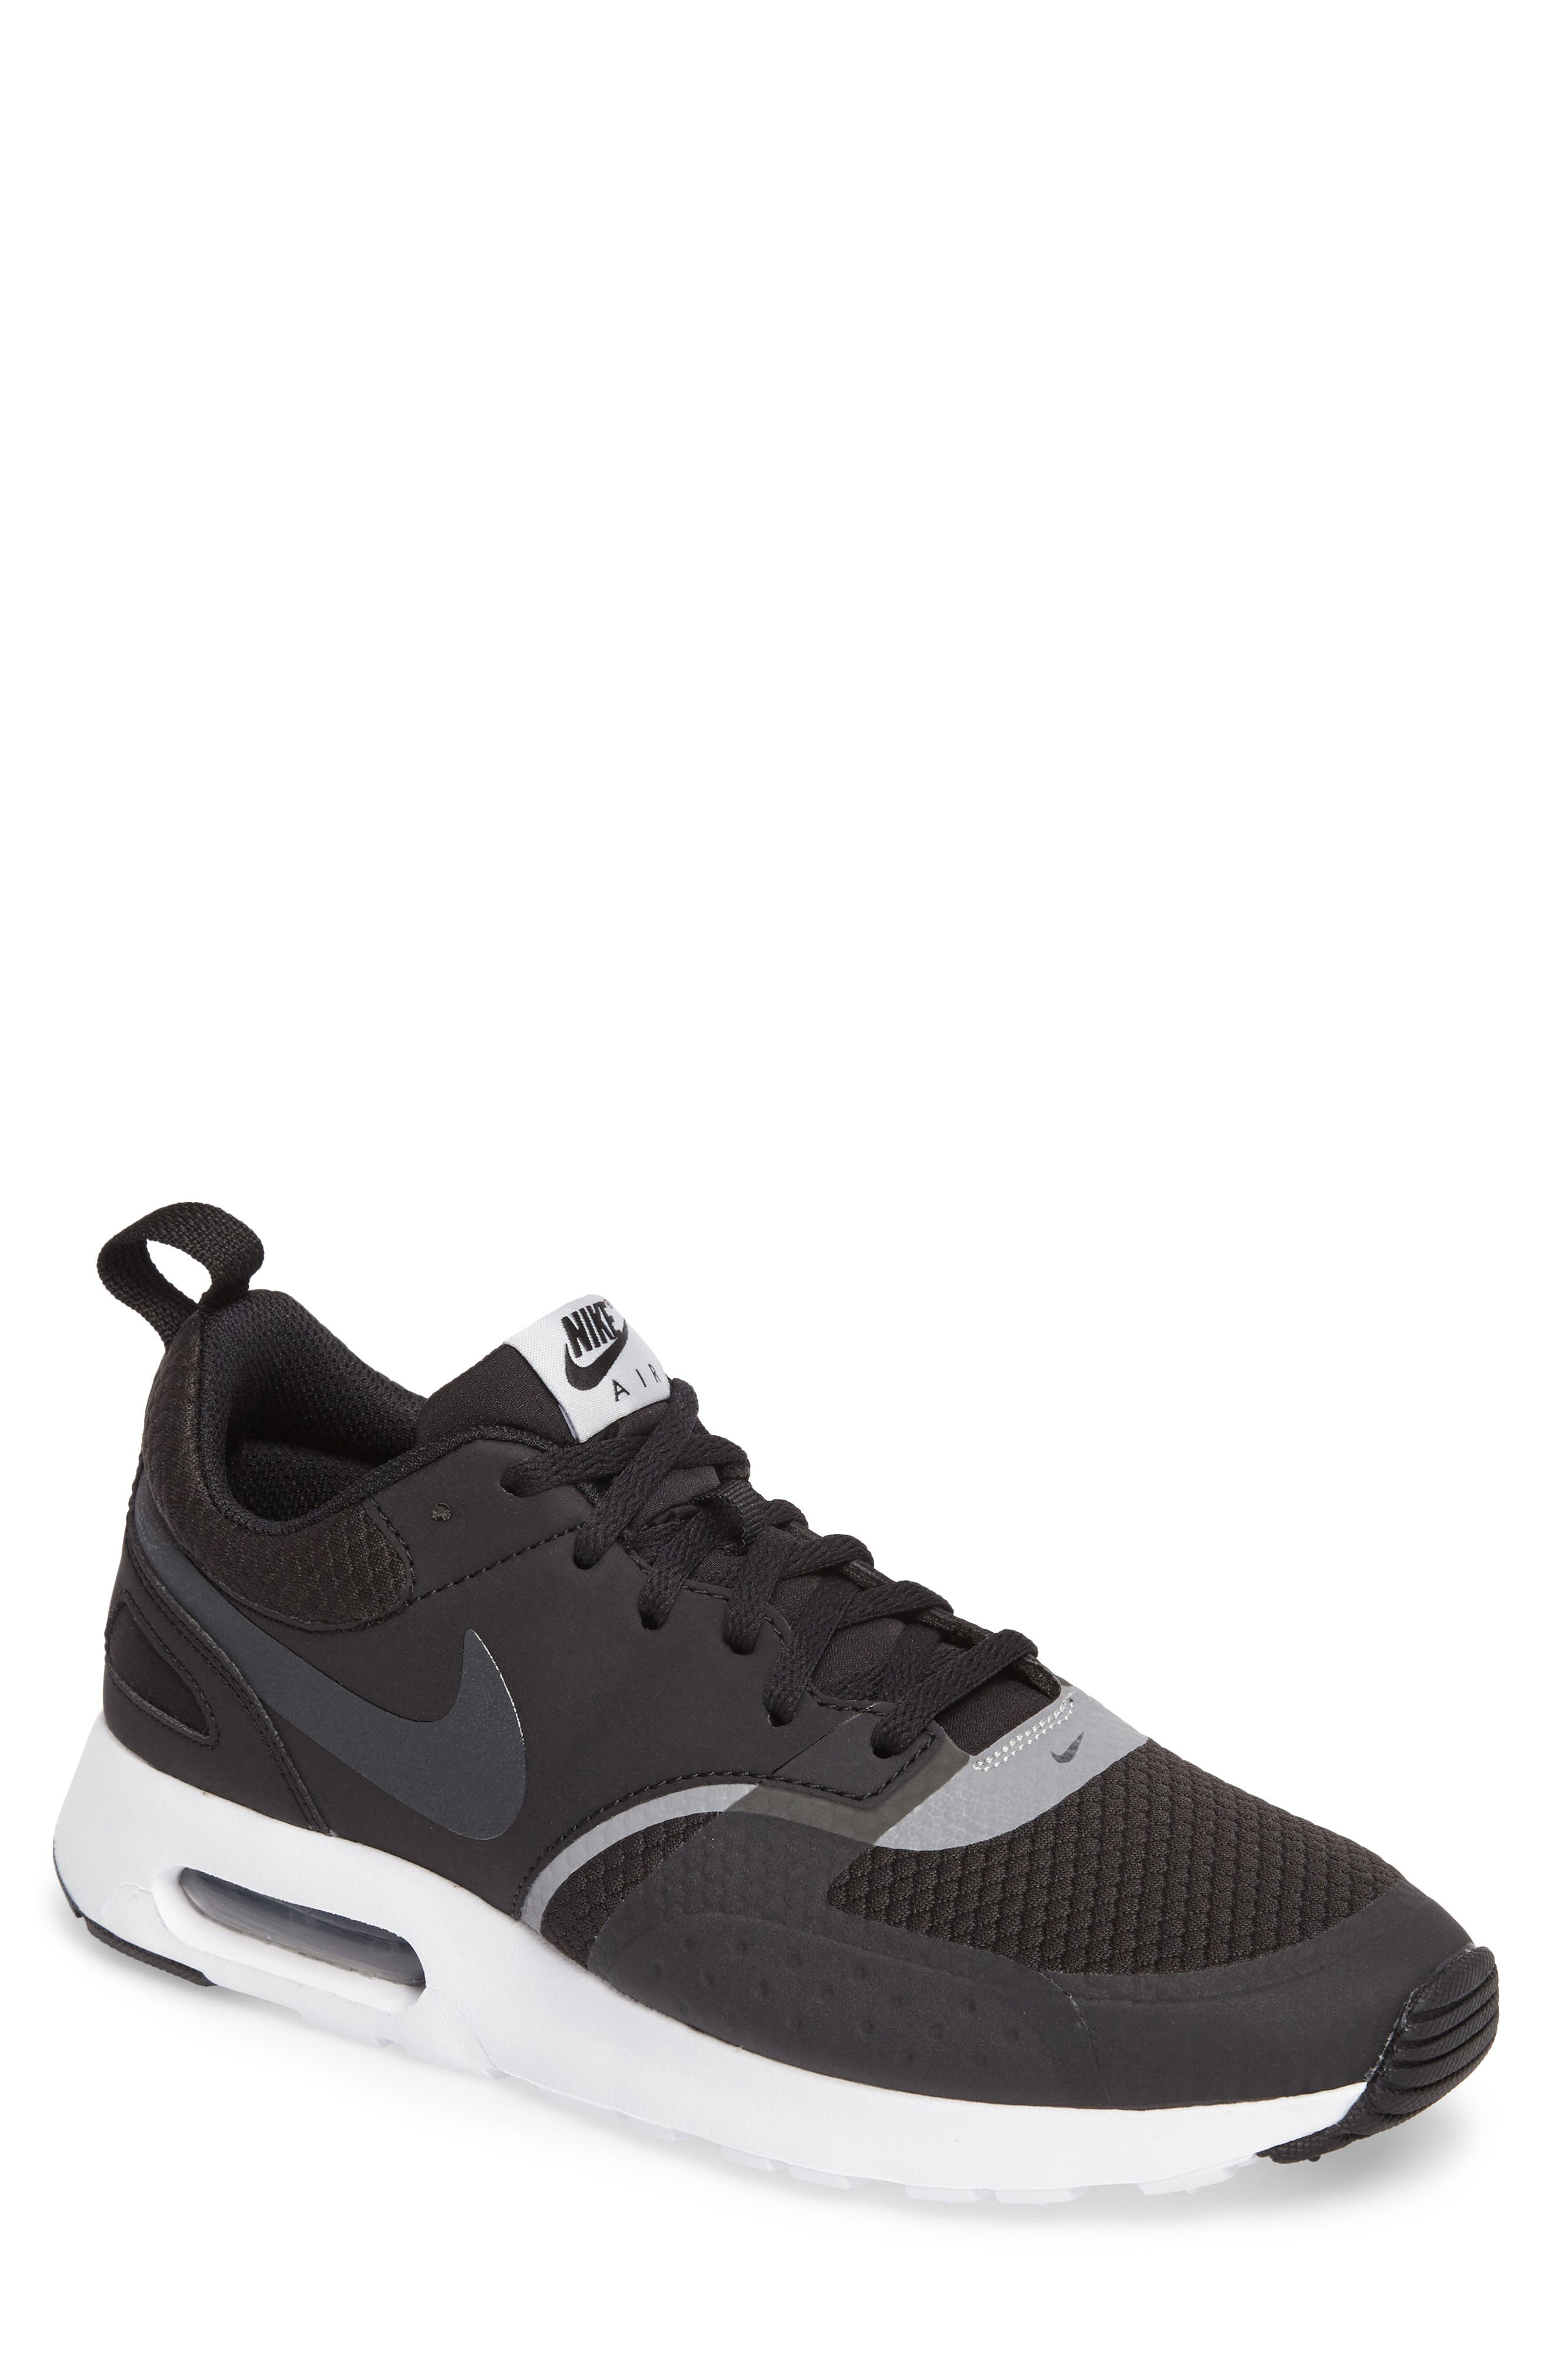 Air Max Vision SE Sneaker,                             Main thumbnail 1, color,                             006